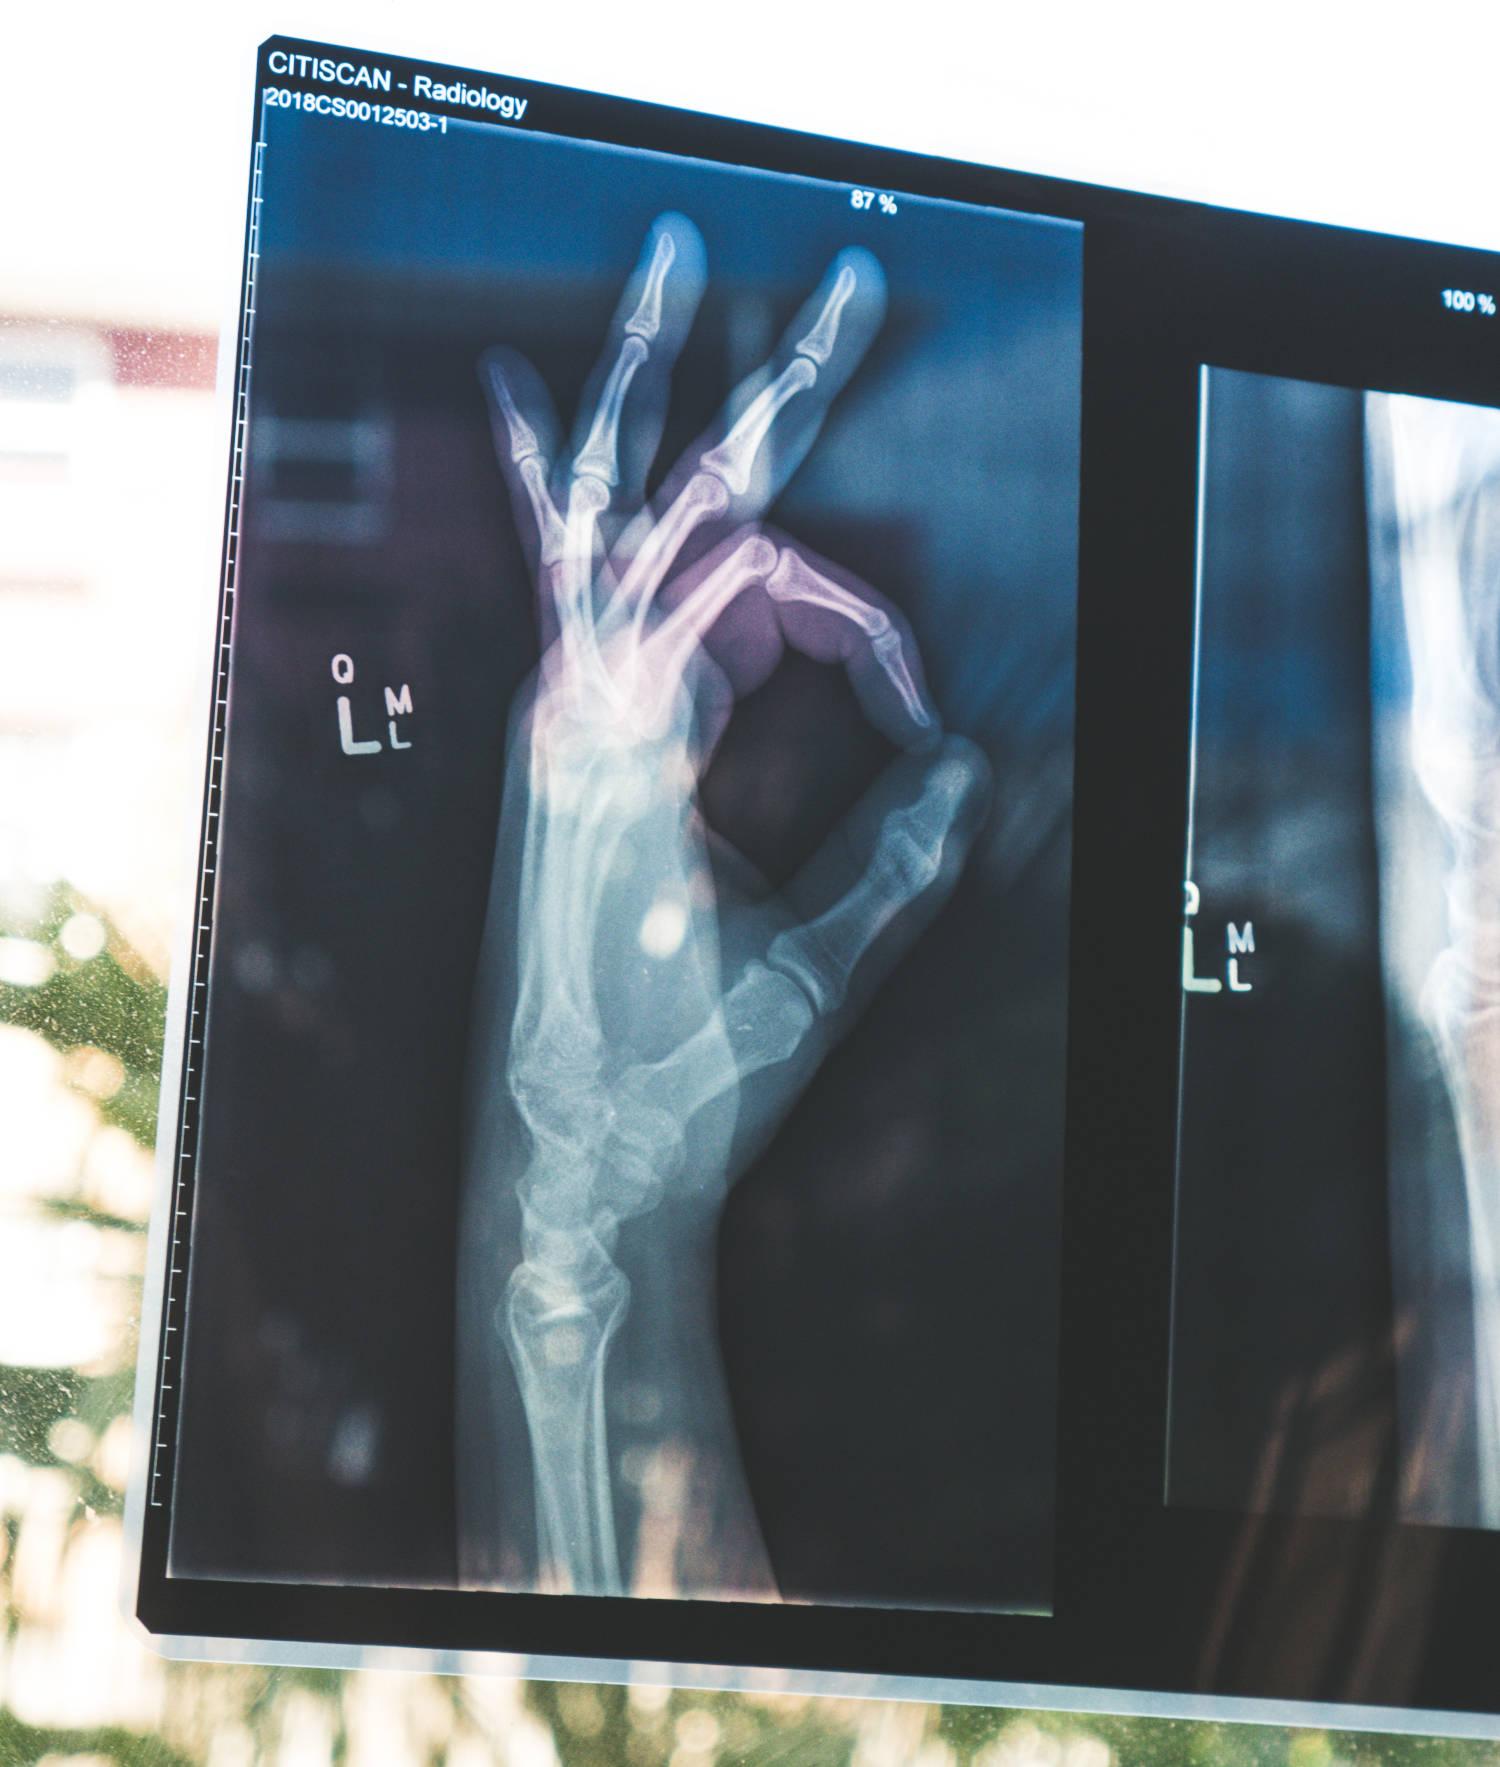 """Röntgenbild Hand und Unterarm mit angedeutetem """"ok""""-Kreis als Symbol für transparente Durchleuchtung."""